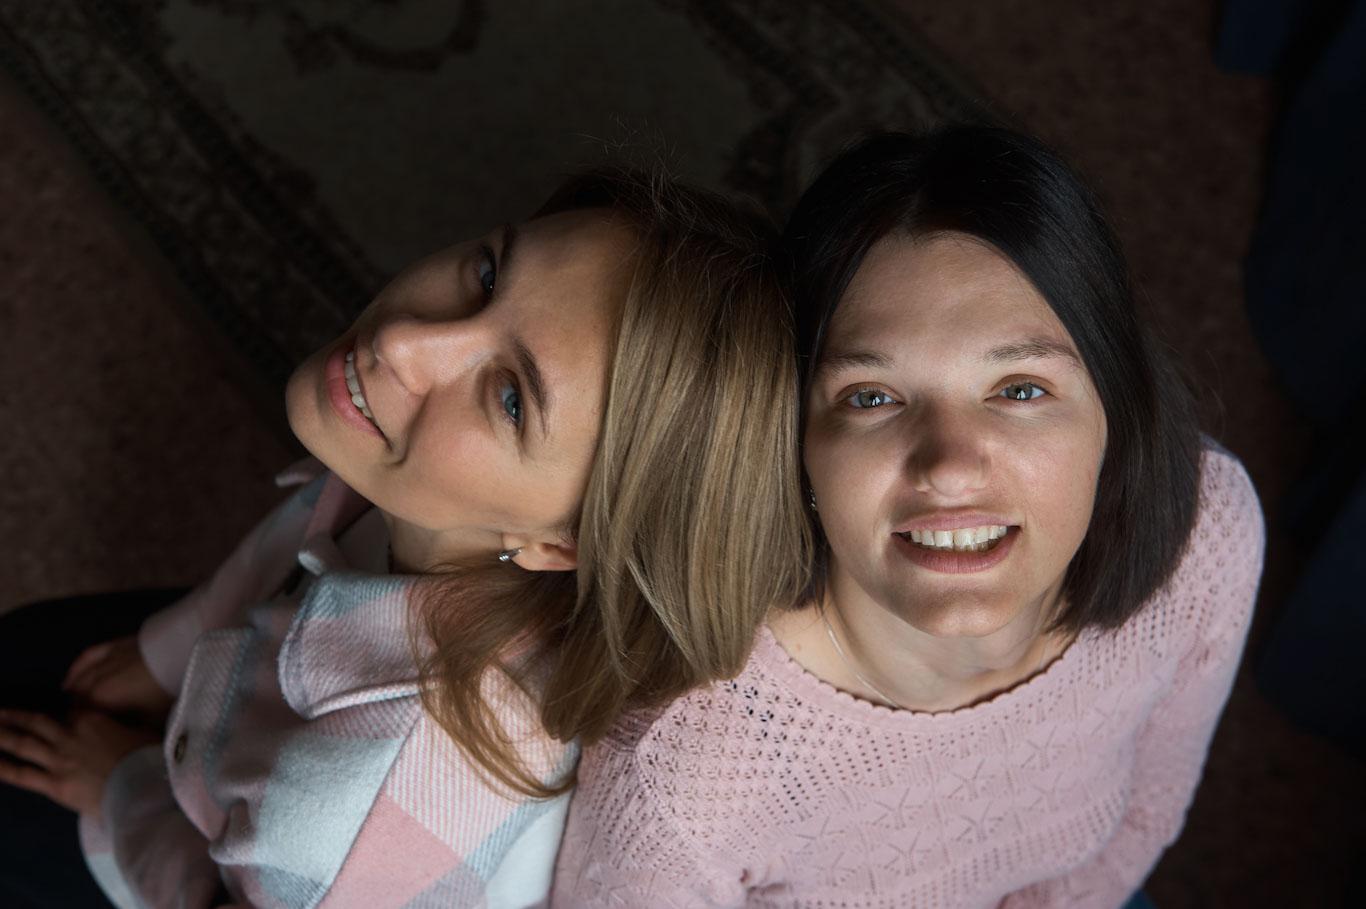 Наталья Кулеева, Катерина Старшинова, женская дружба, кома